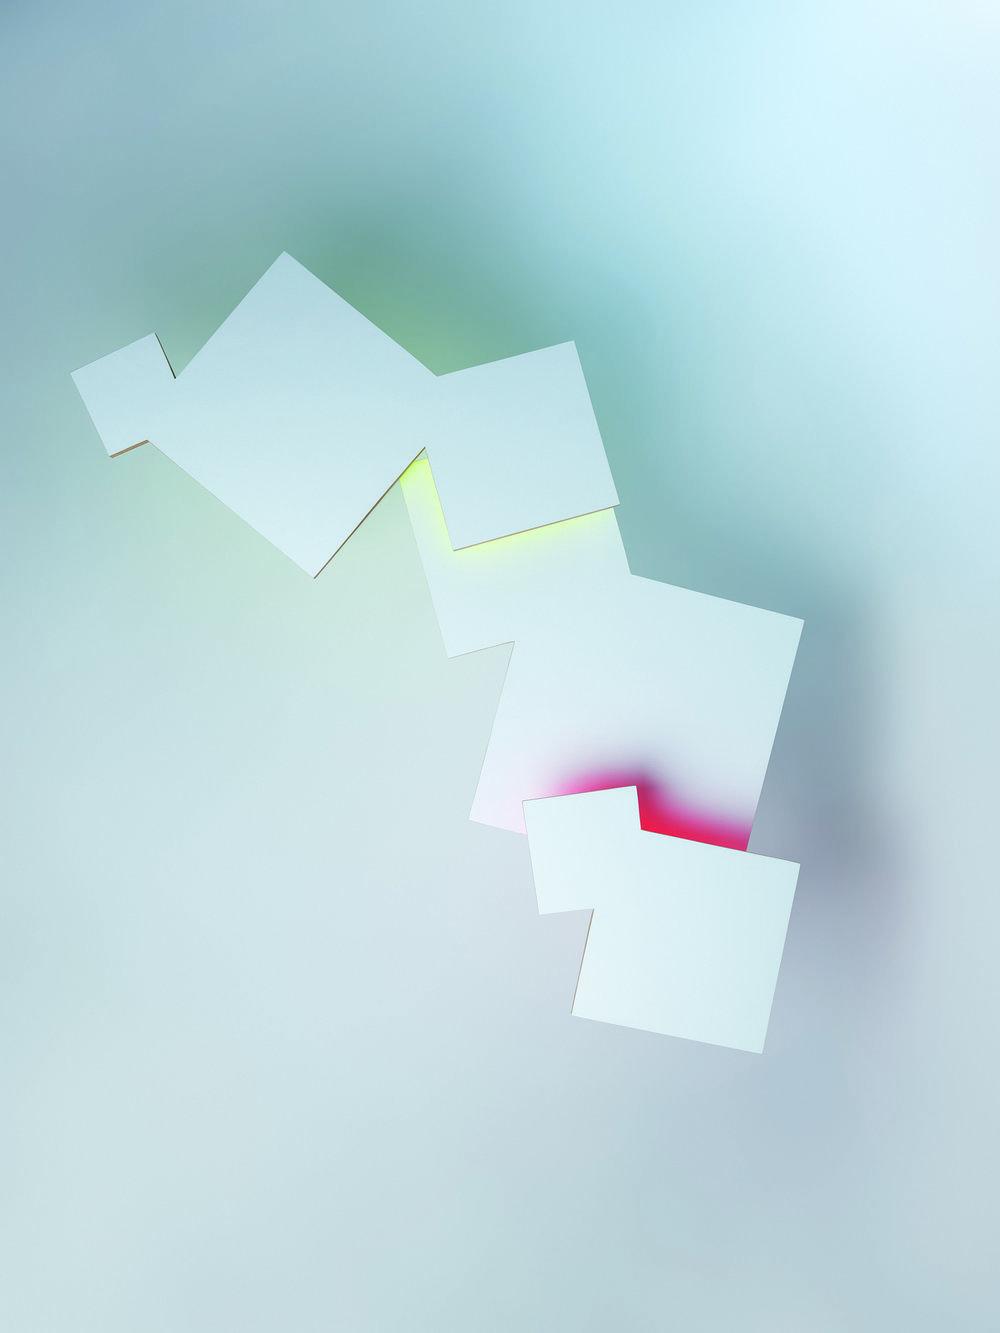 Elemente in Bewegung. Der Utsuri Table von Yo Shimada zum Selberbauen